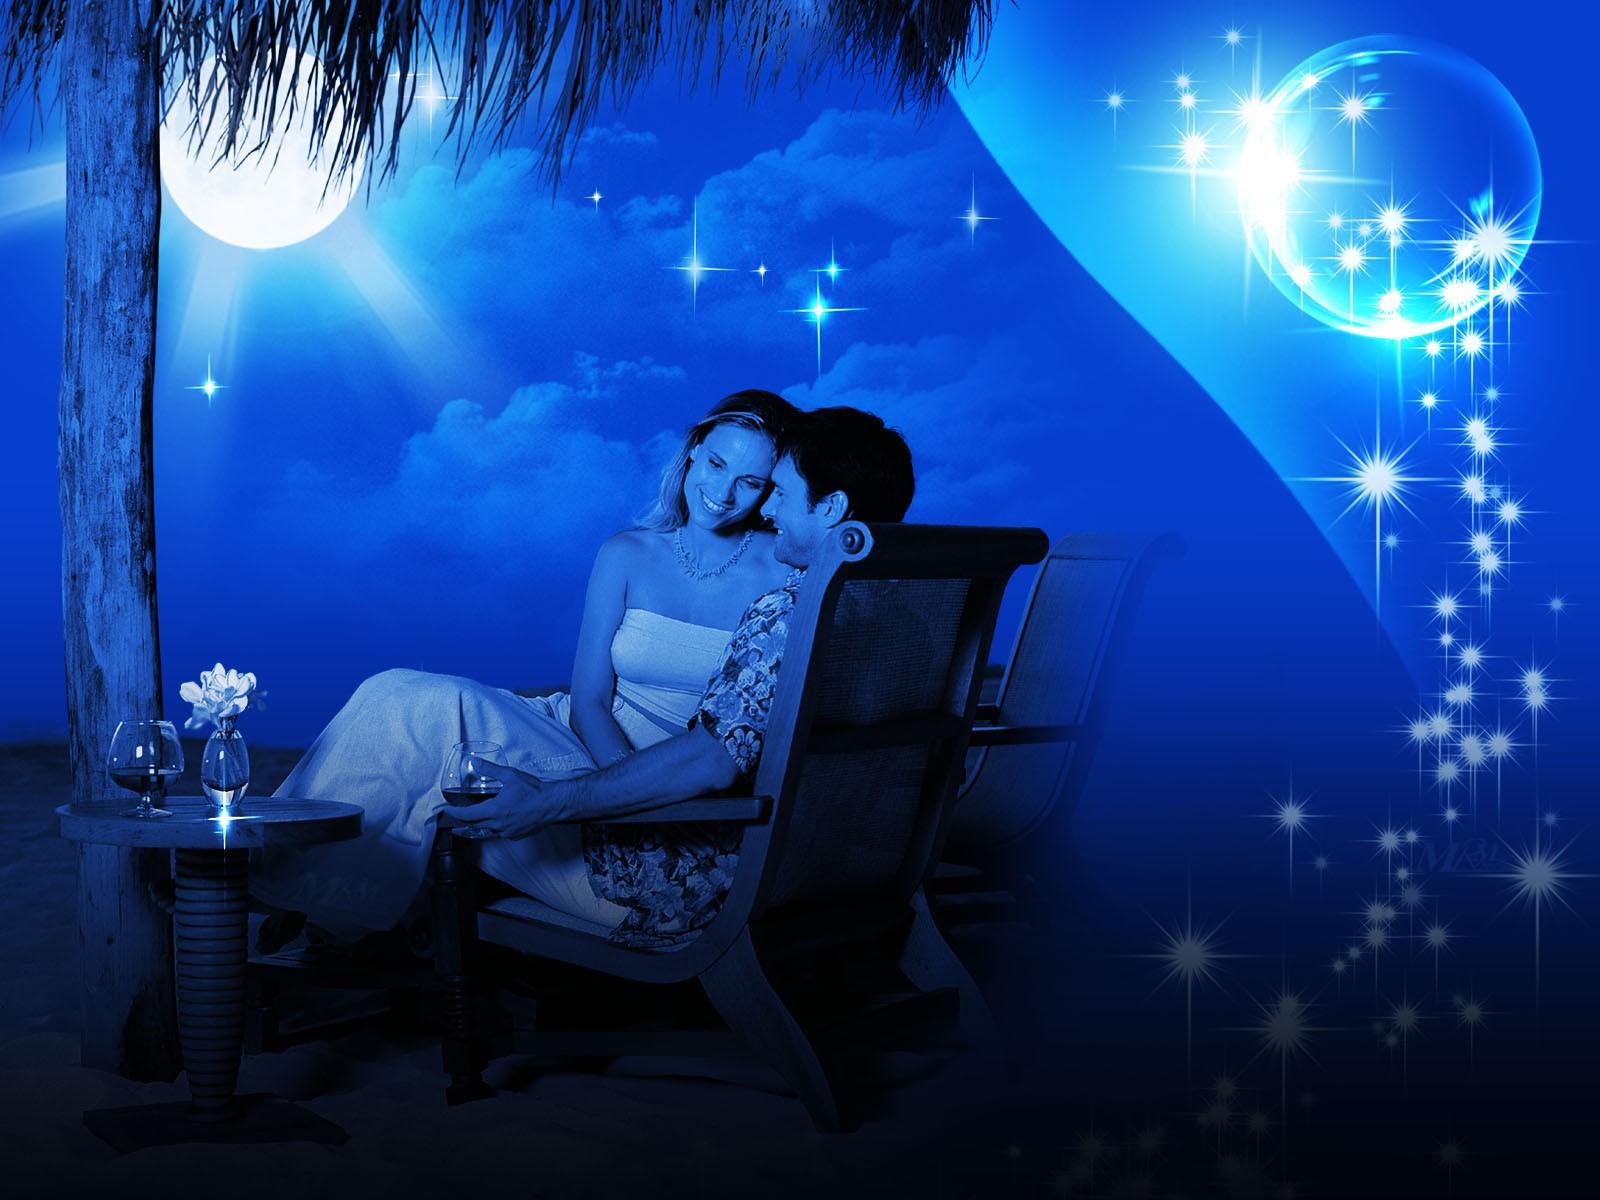 http://3.bp.blogspot.com/-YH873Ldf_x4/TeziQ6anZ-I/AAAAAAAAAC0/vx_1No0kVkk/s1600/Love-wallpaper-by-mrm.jpg